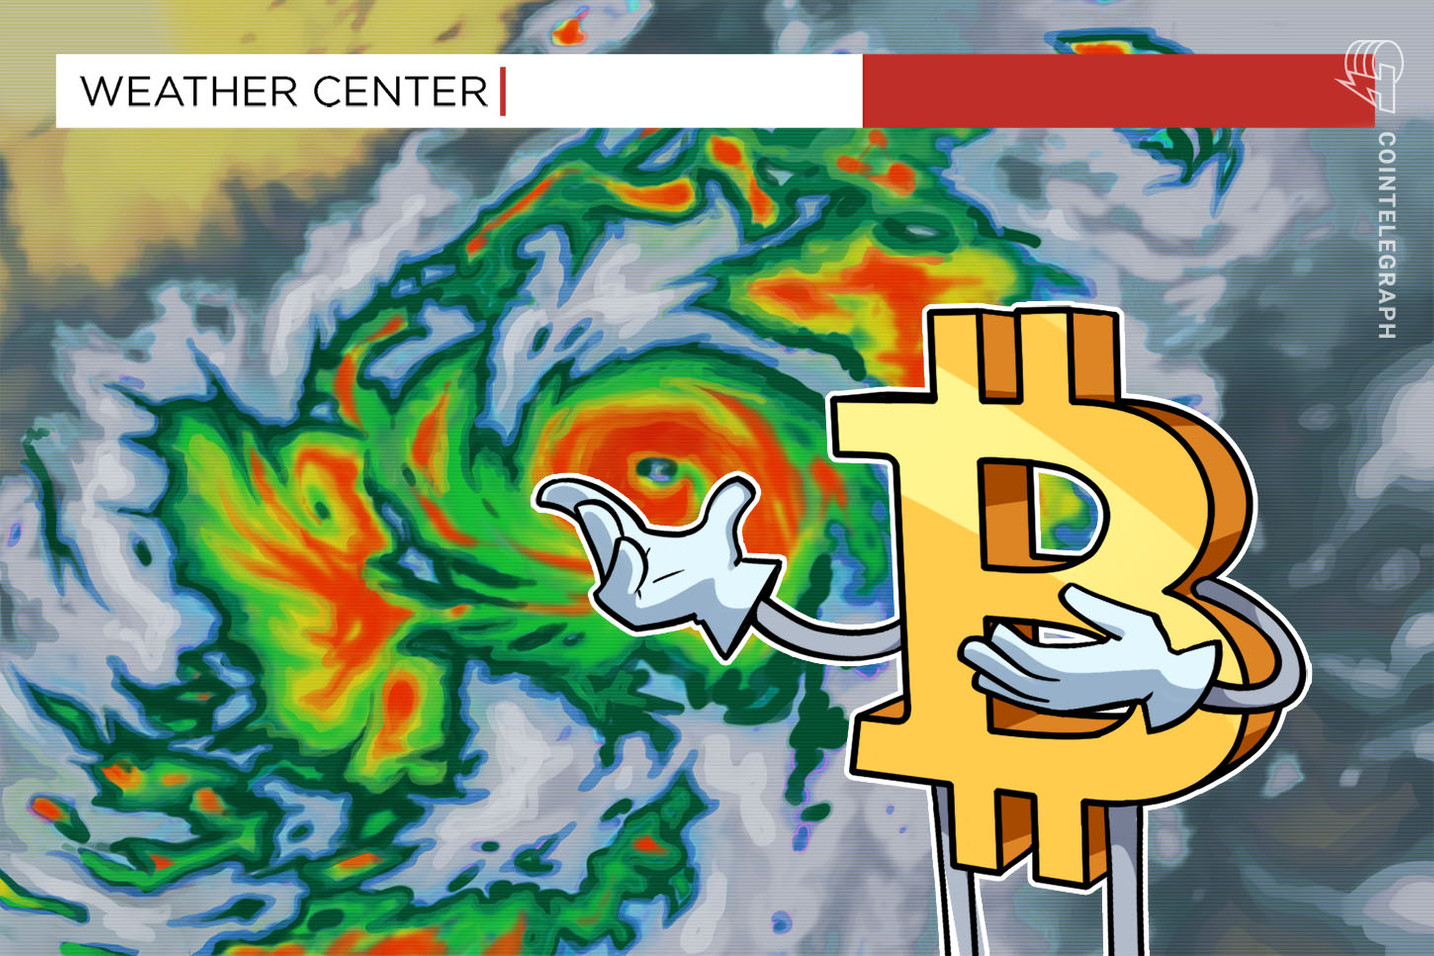 Fondamentali di Bitcoin in 'modalità moon' mentre calano i BTC sugli exchange